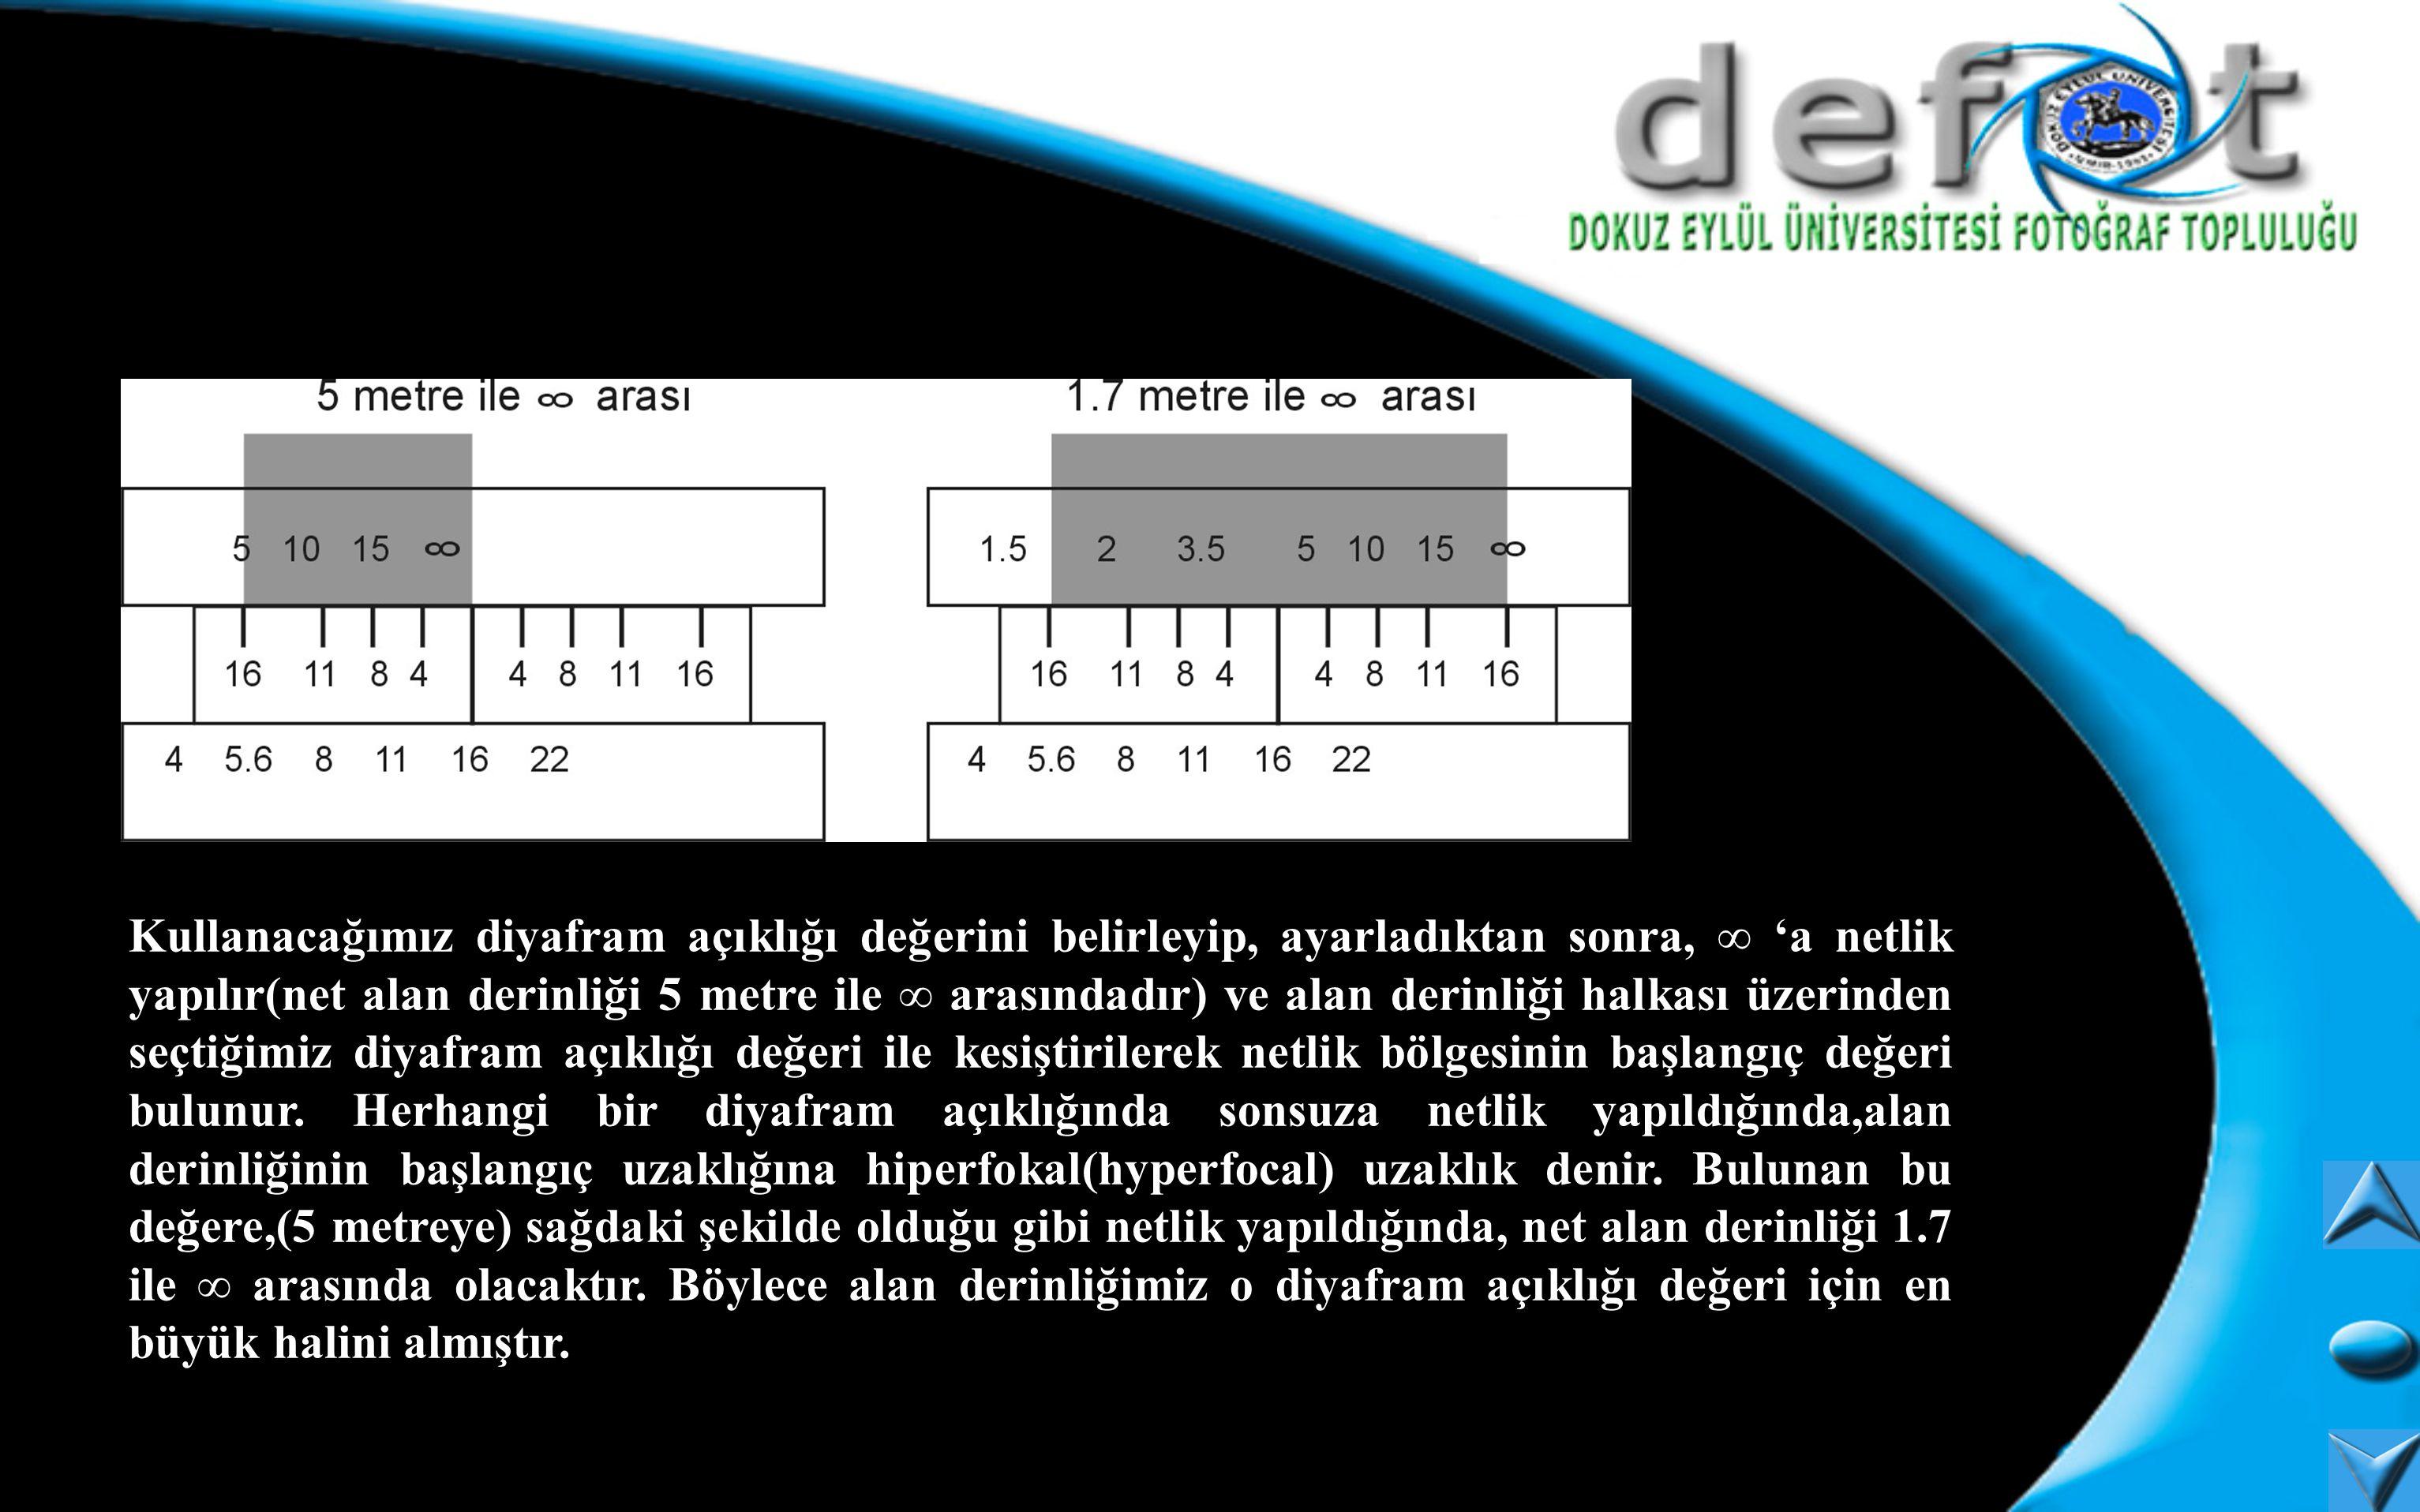 Kullanacağımız diyafram açıklığı değerini belirleyip, ayarladıktan sonra, ∞ 'a netlik yapılır(net alan derinliği 5 metre ile ∞ arasındadır) ve alan derinliği halkası üzerinden seçtiğimiz diyafram açıklığı değeri ile kesiştirilerek netlik bölgesinin başlangıç değeri bulunur.